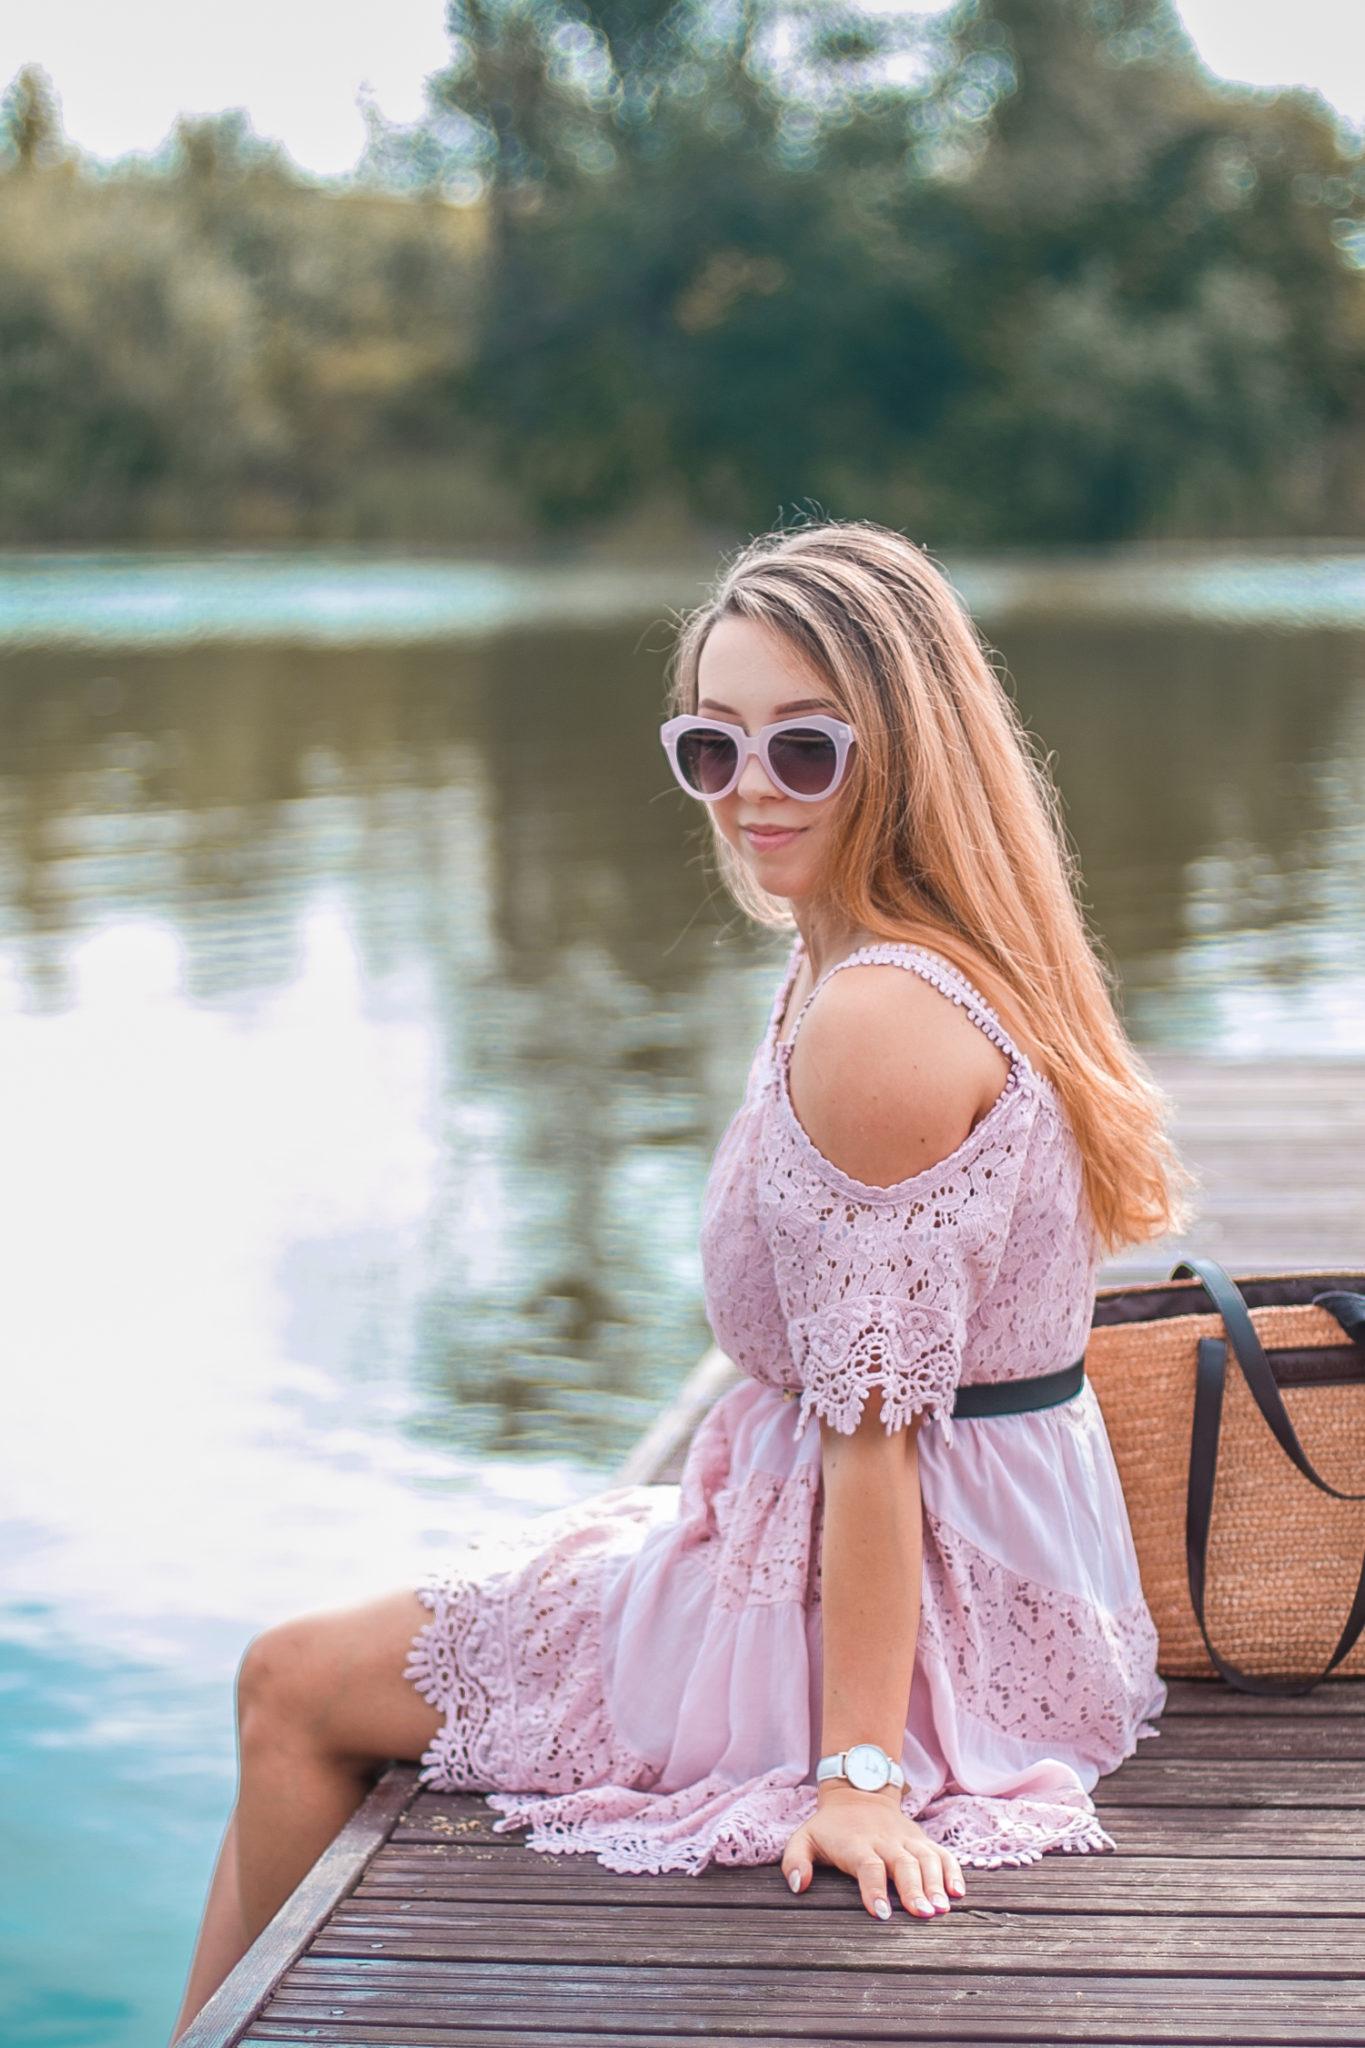 liliowa koronkowa sukienka na lato stylizacja